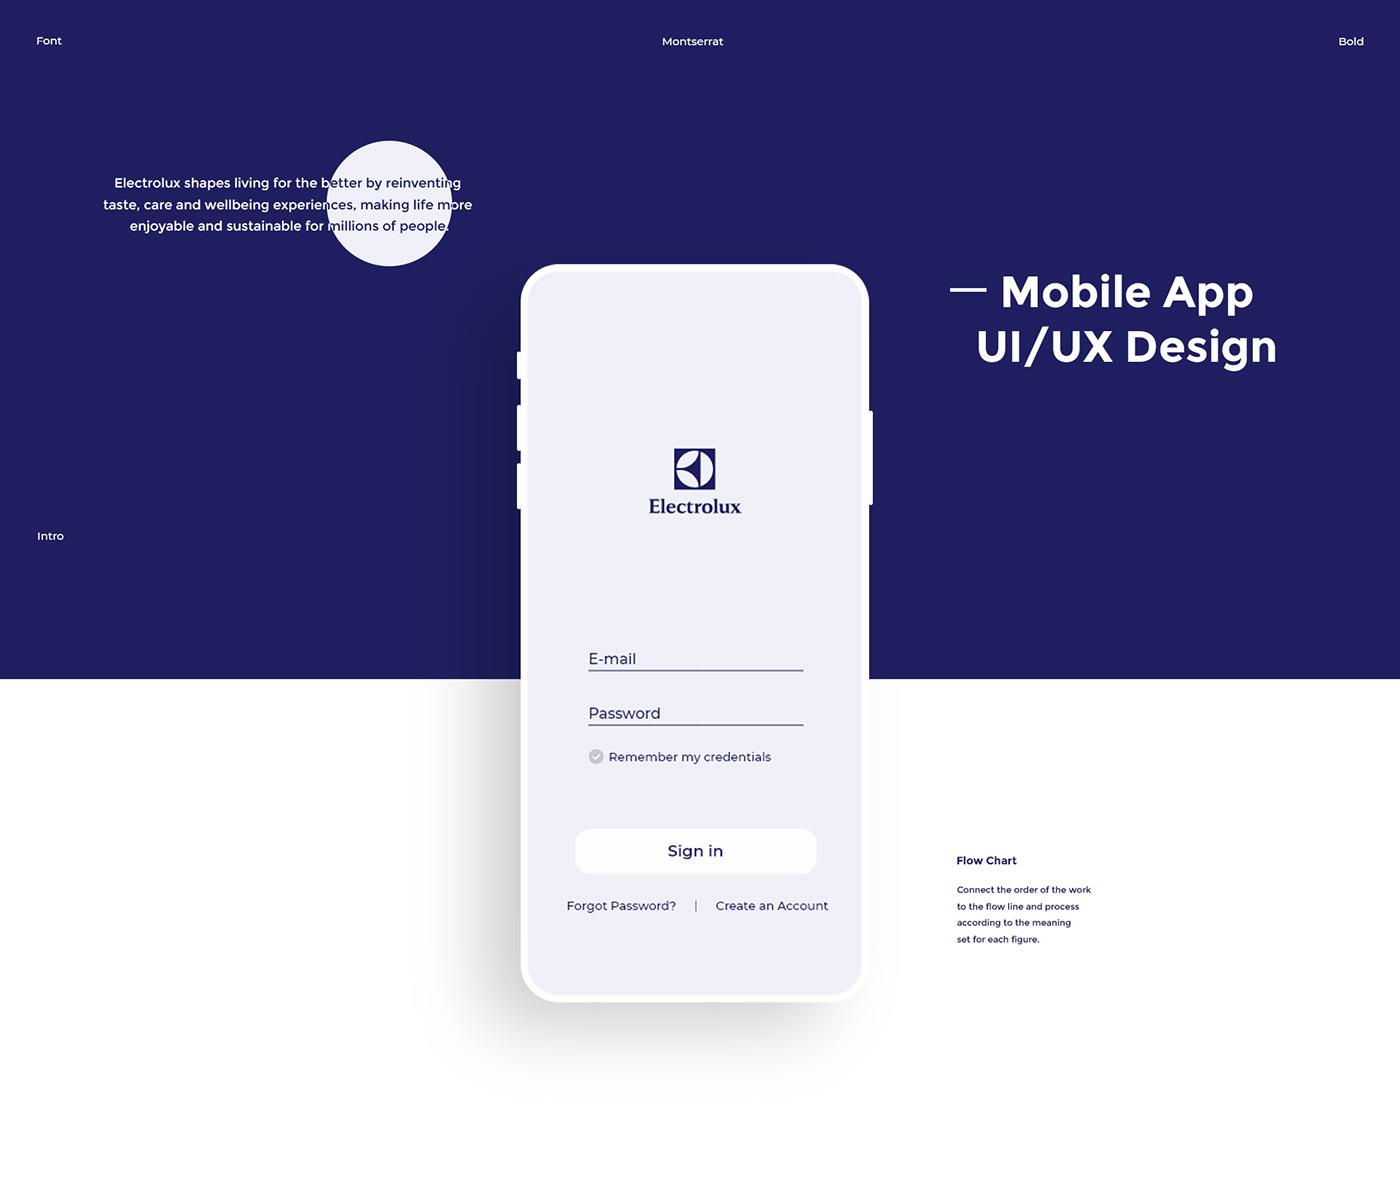 Electrolux App - UI/UX Design on Behance